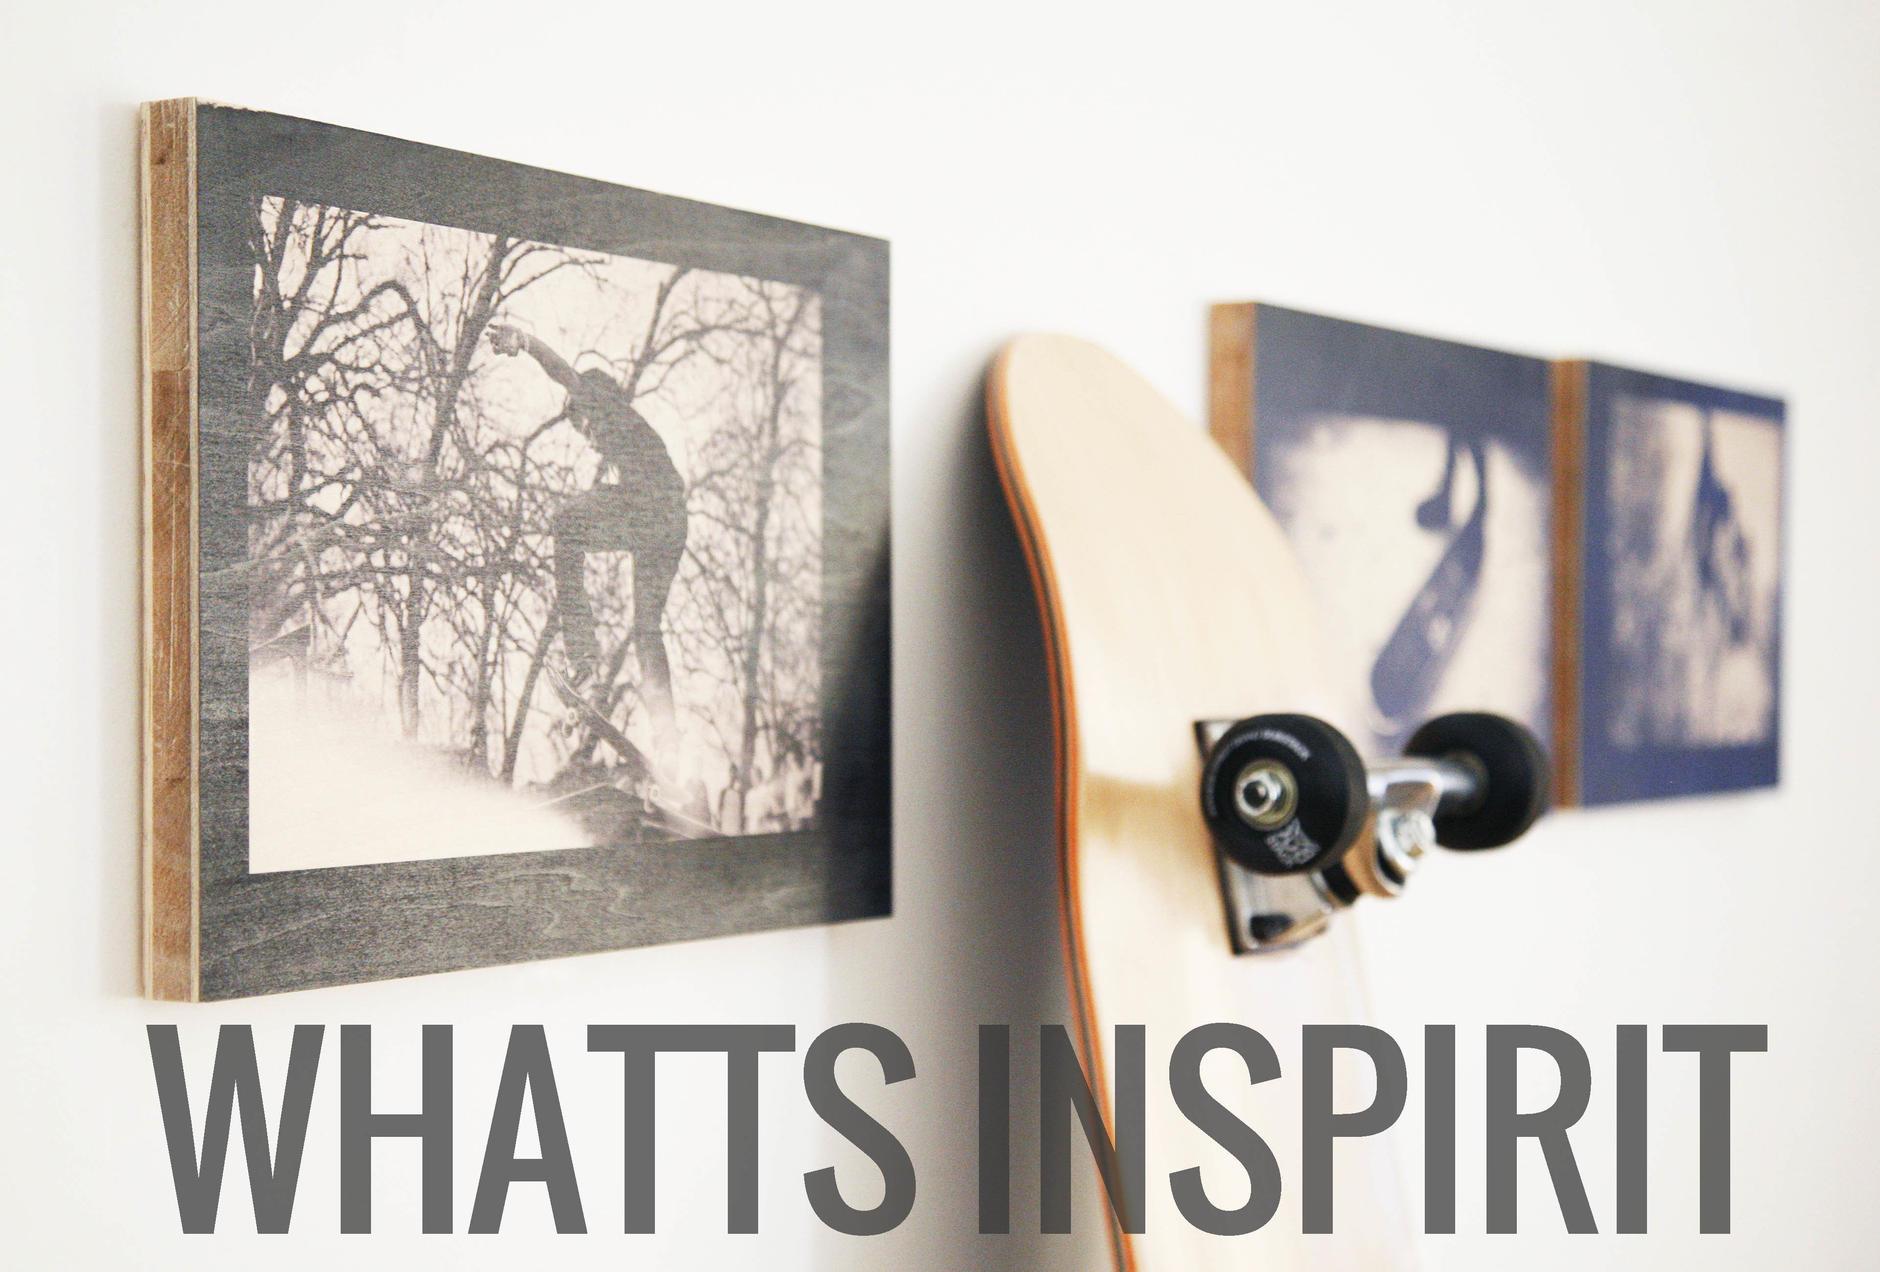 WHATTS INSPIRIT